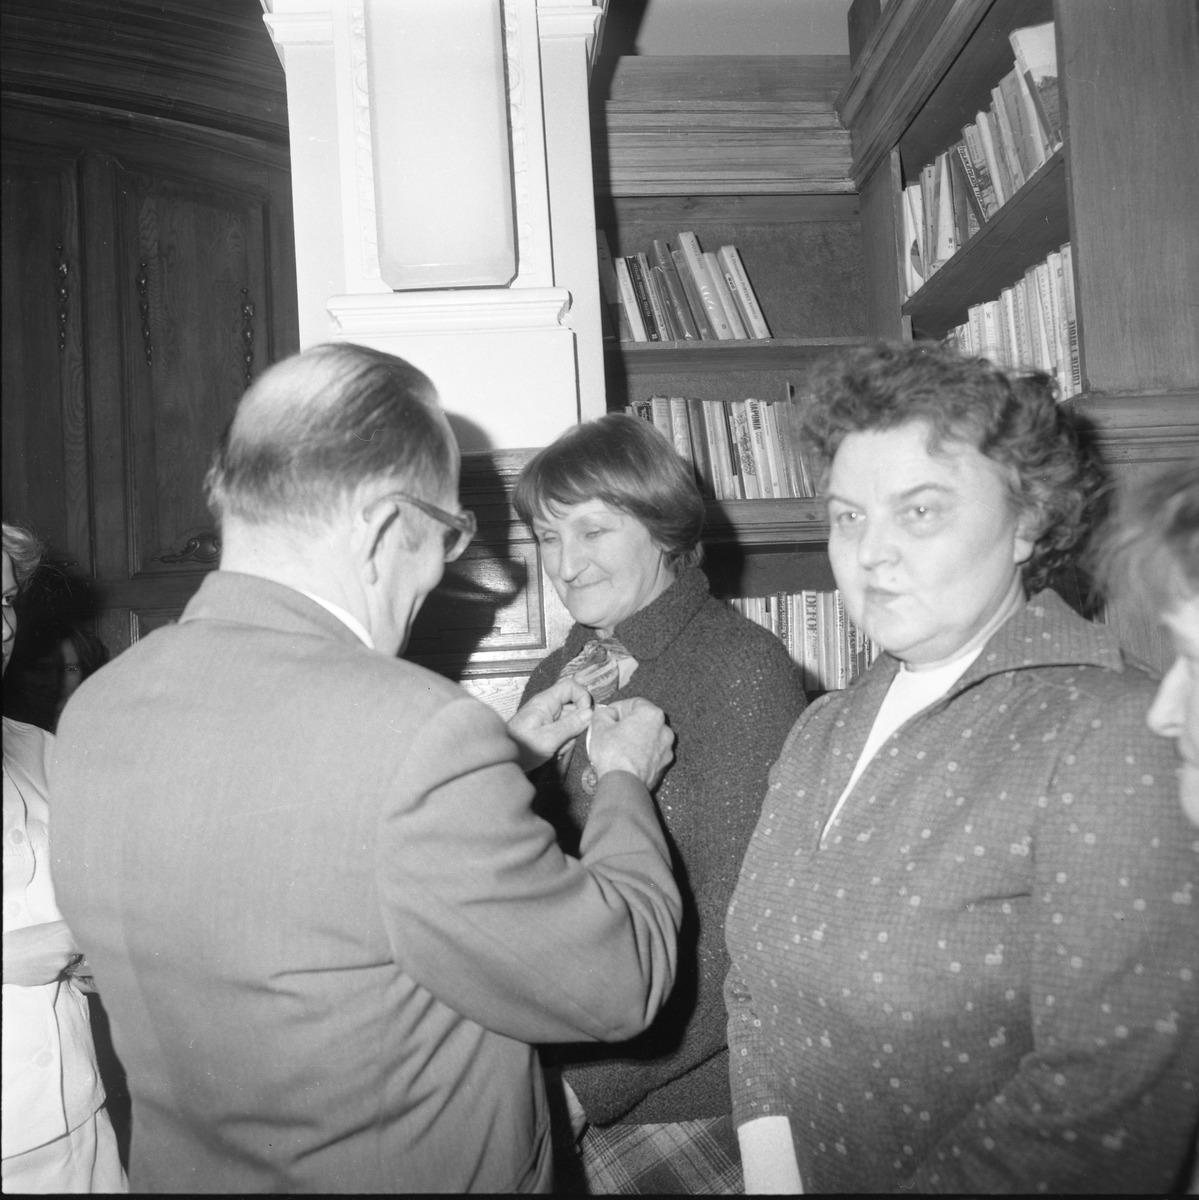 Jubileusz 40-lecia ZOZ w Giżycku, 1985 r.